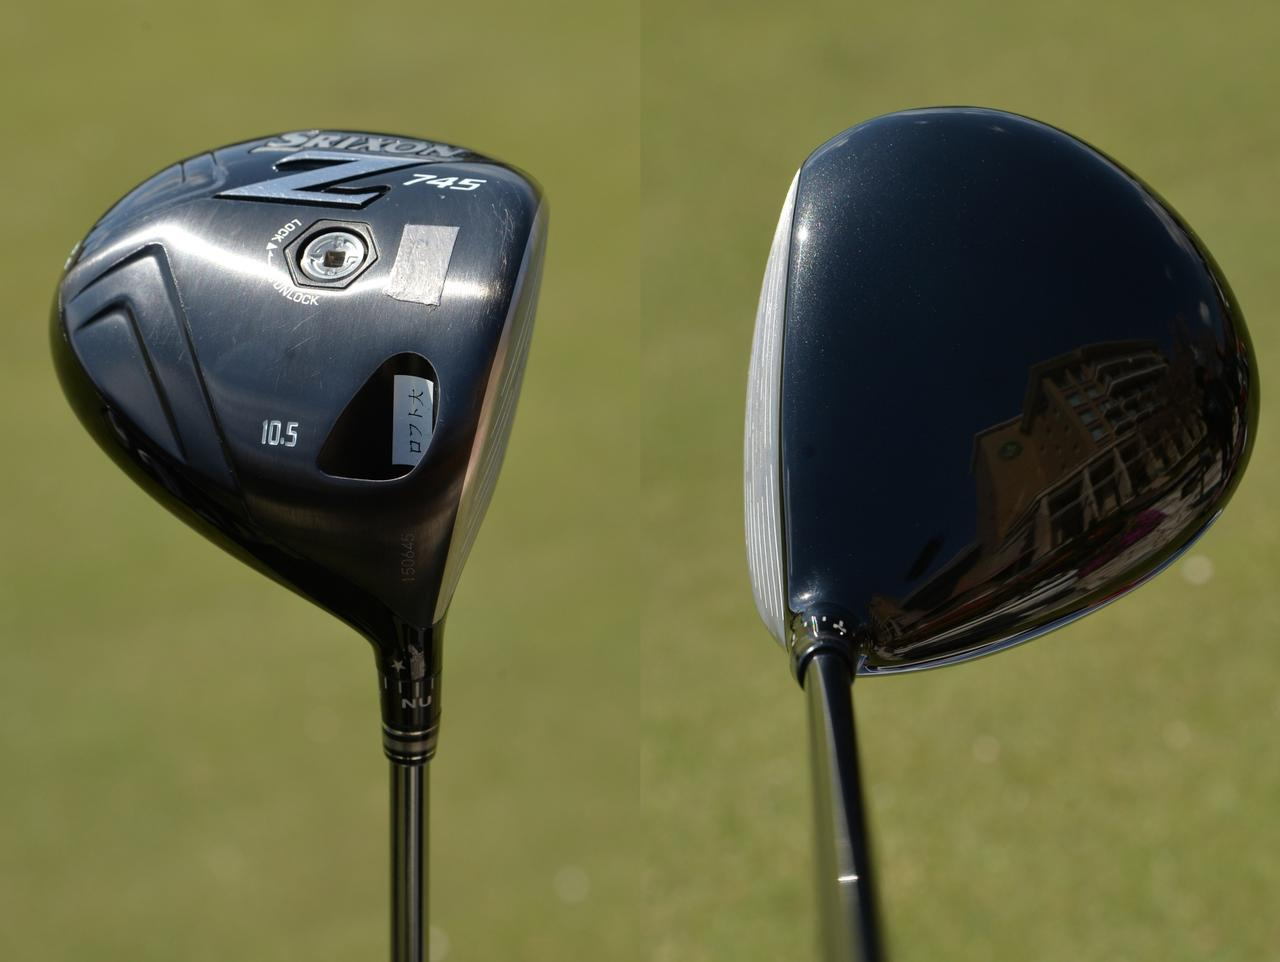 画像: スリクソンZ945。左右への打ち分け、球の高低の打ち分けなど、コントロール性を気に入っている